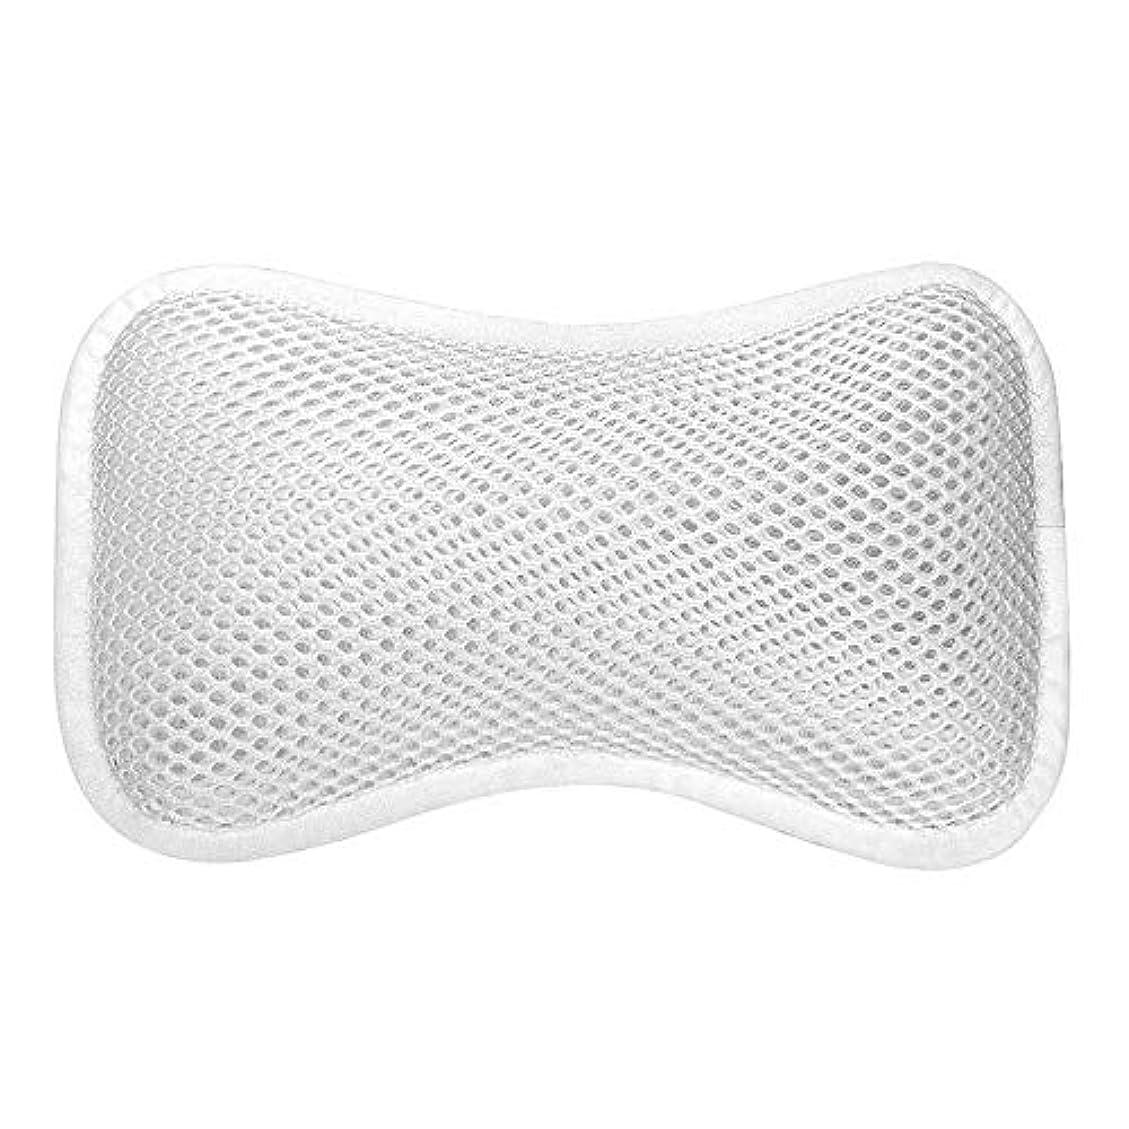 ルール騒乱マニアック3D網の骨の定形バスタブの枕、吸盤が付いている人間工学的の設計滑り止??めの浴槽の枕